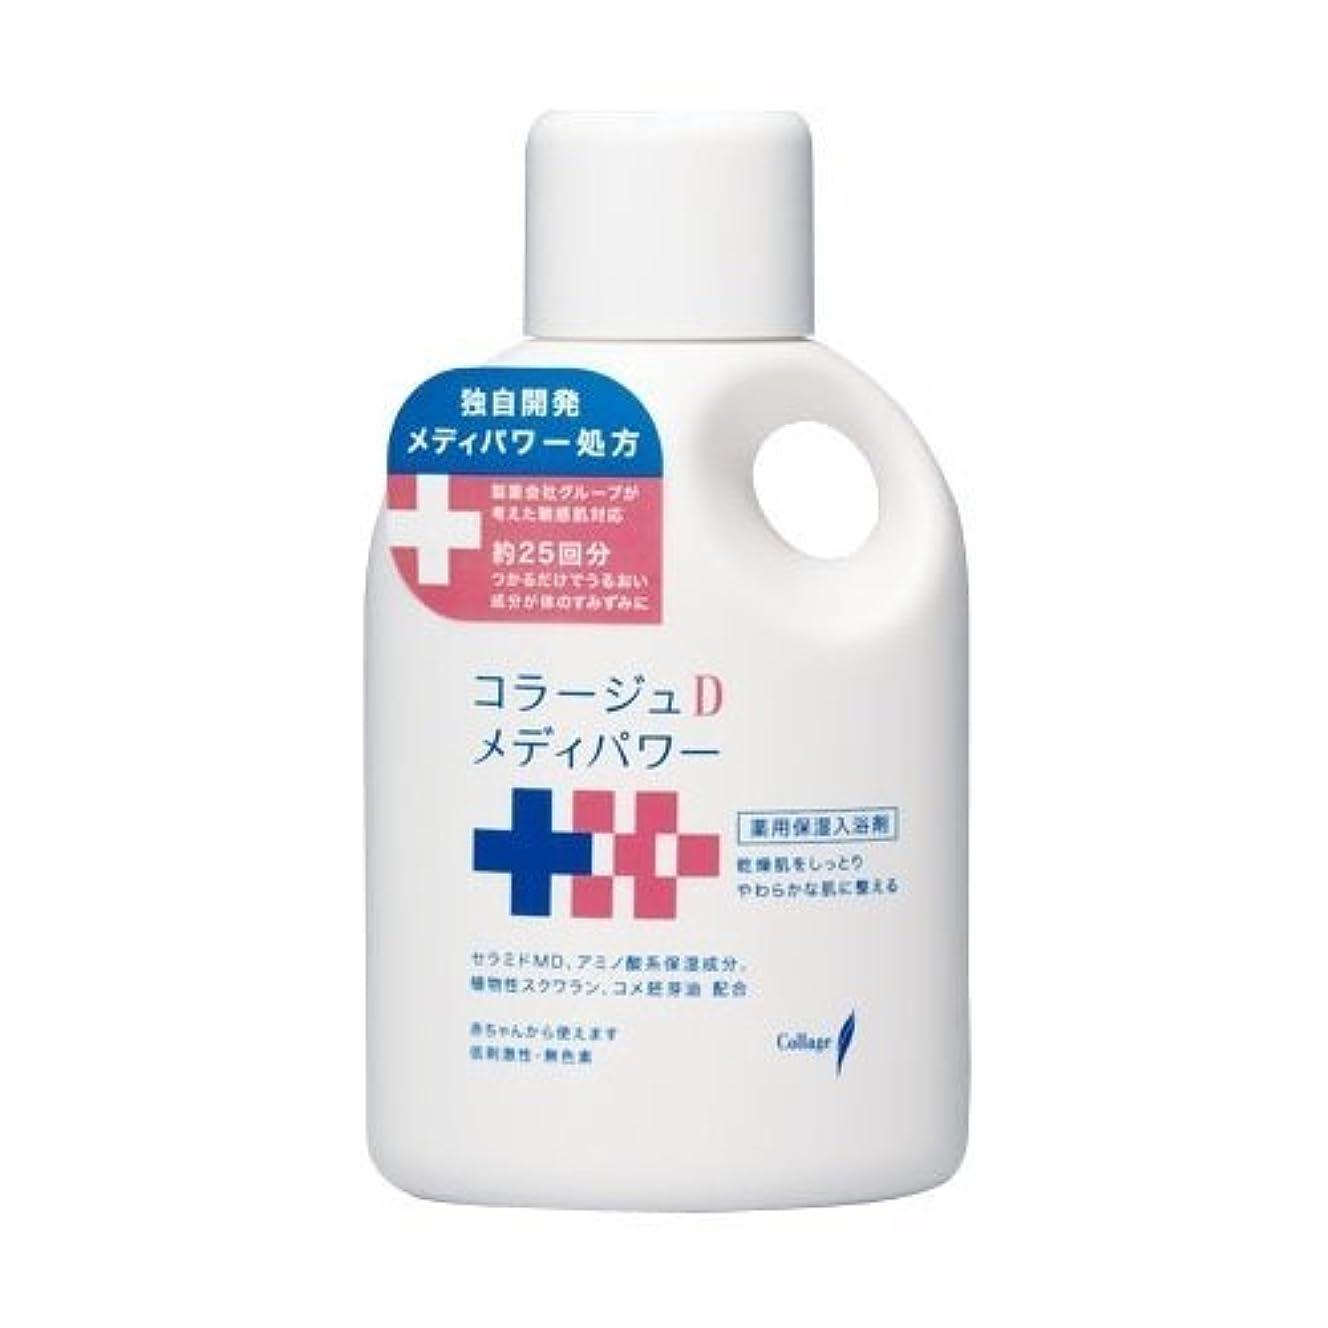 付与食べるカタログコラージュ Dメディパワー 保湿入浴剤 500mL (医薬部外品)